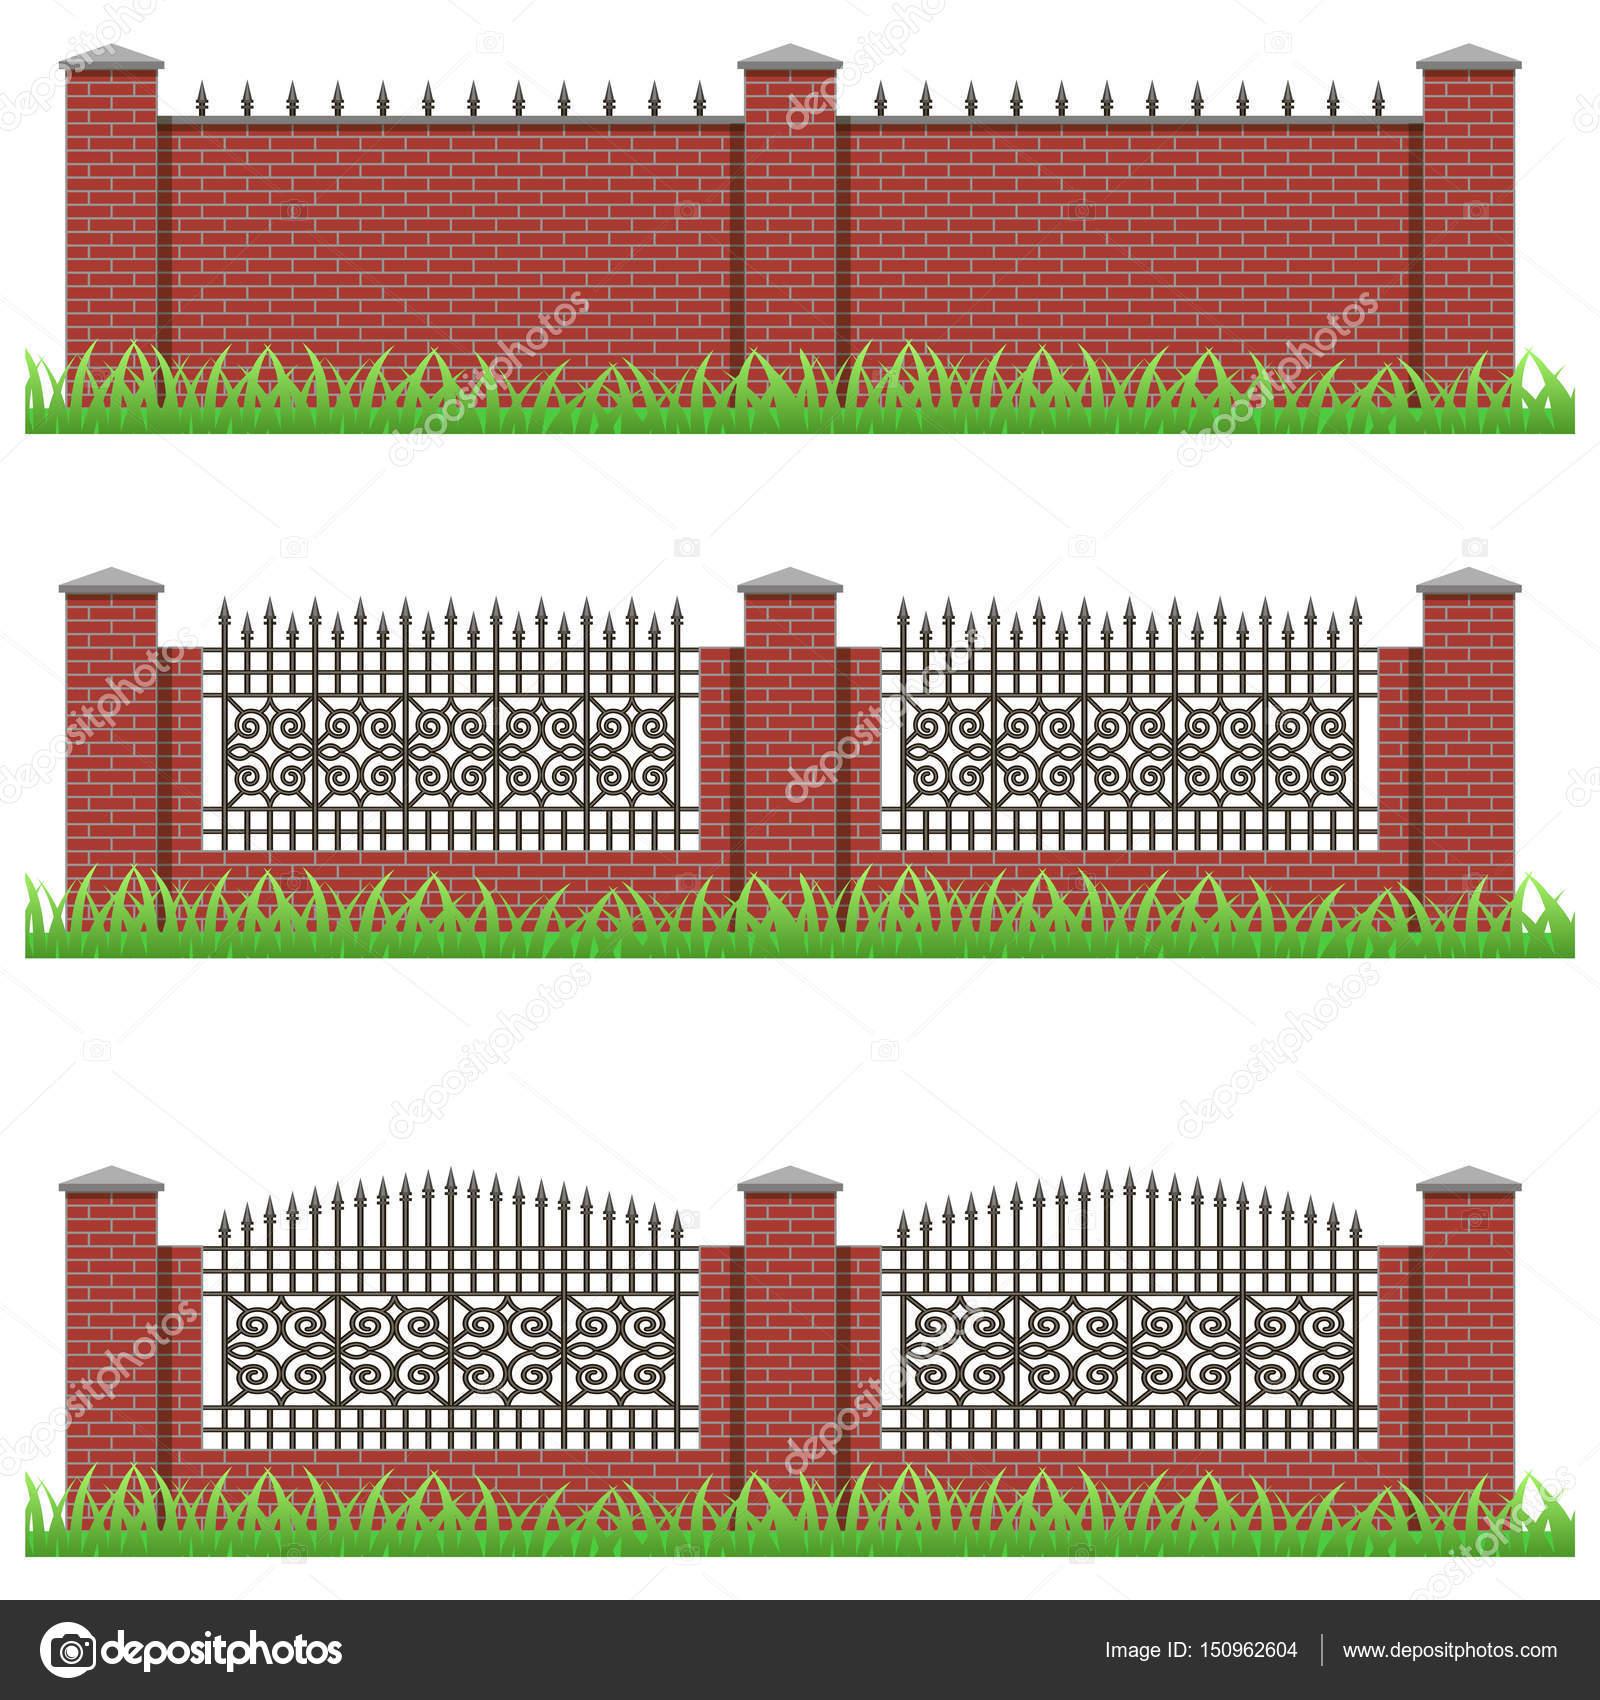 Mattoni Per Recinzione Giardino.Set Di Recinzioni Mattoni Manor O Giardino Decorato Con